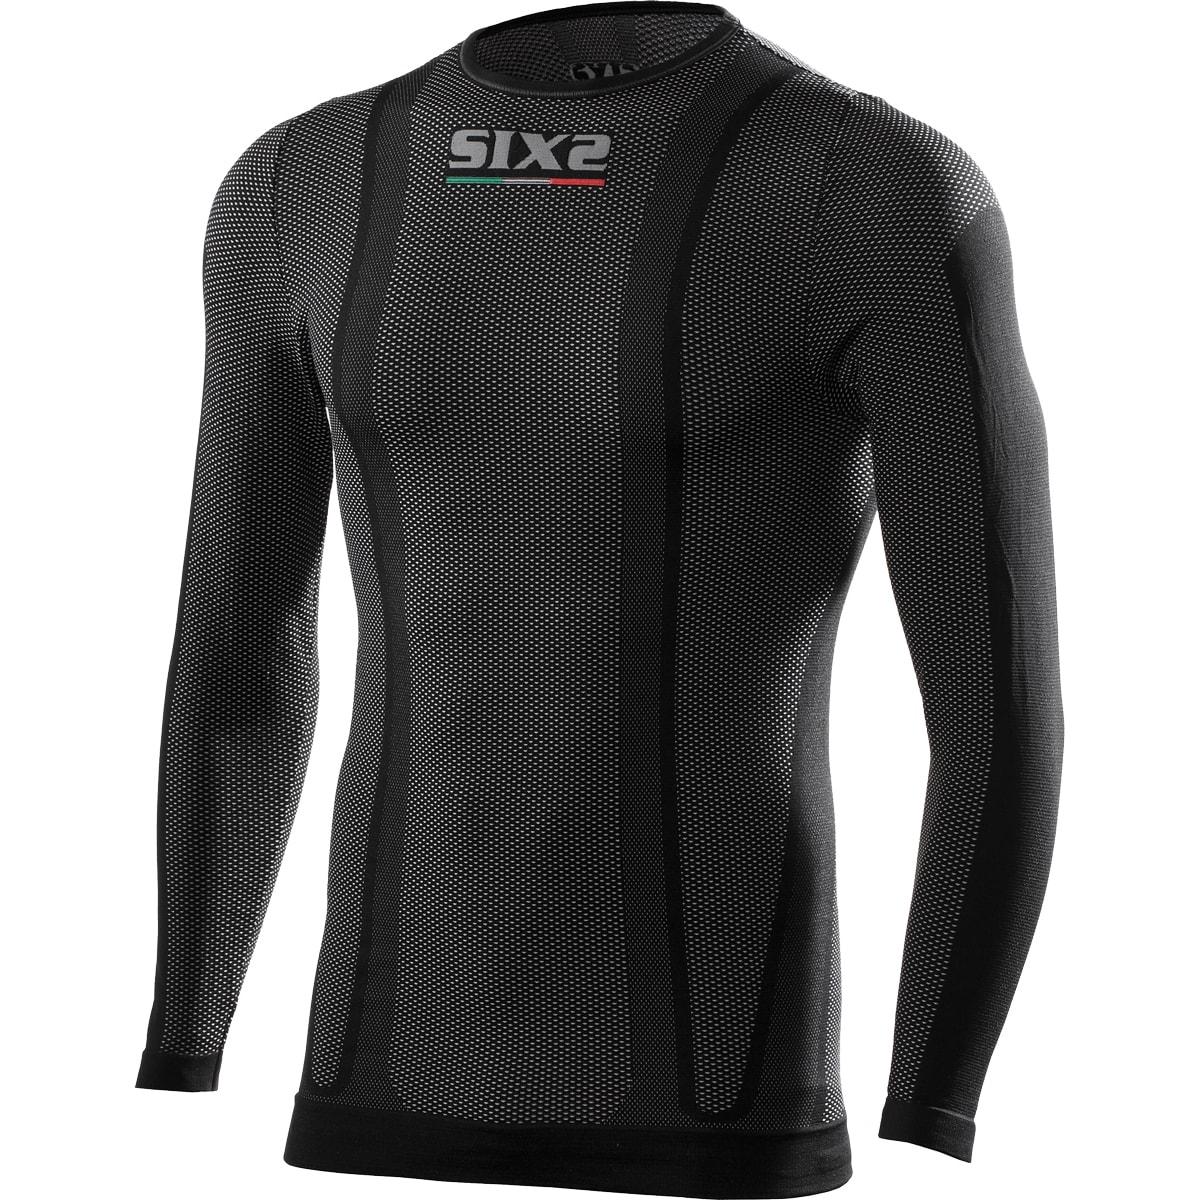 義大利 SIXS <br>機能碳長袖上衣 <br>碳纖黑 <br>TS2 BLACK